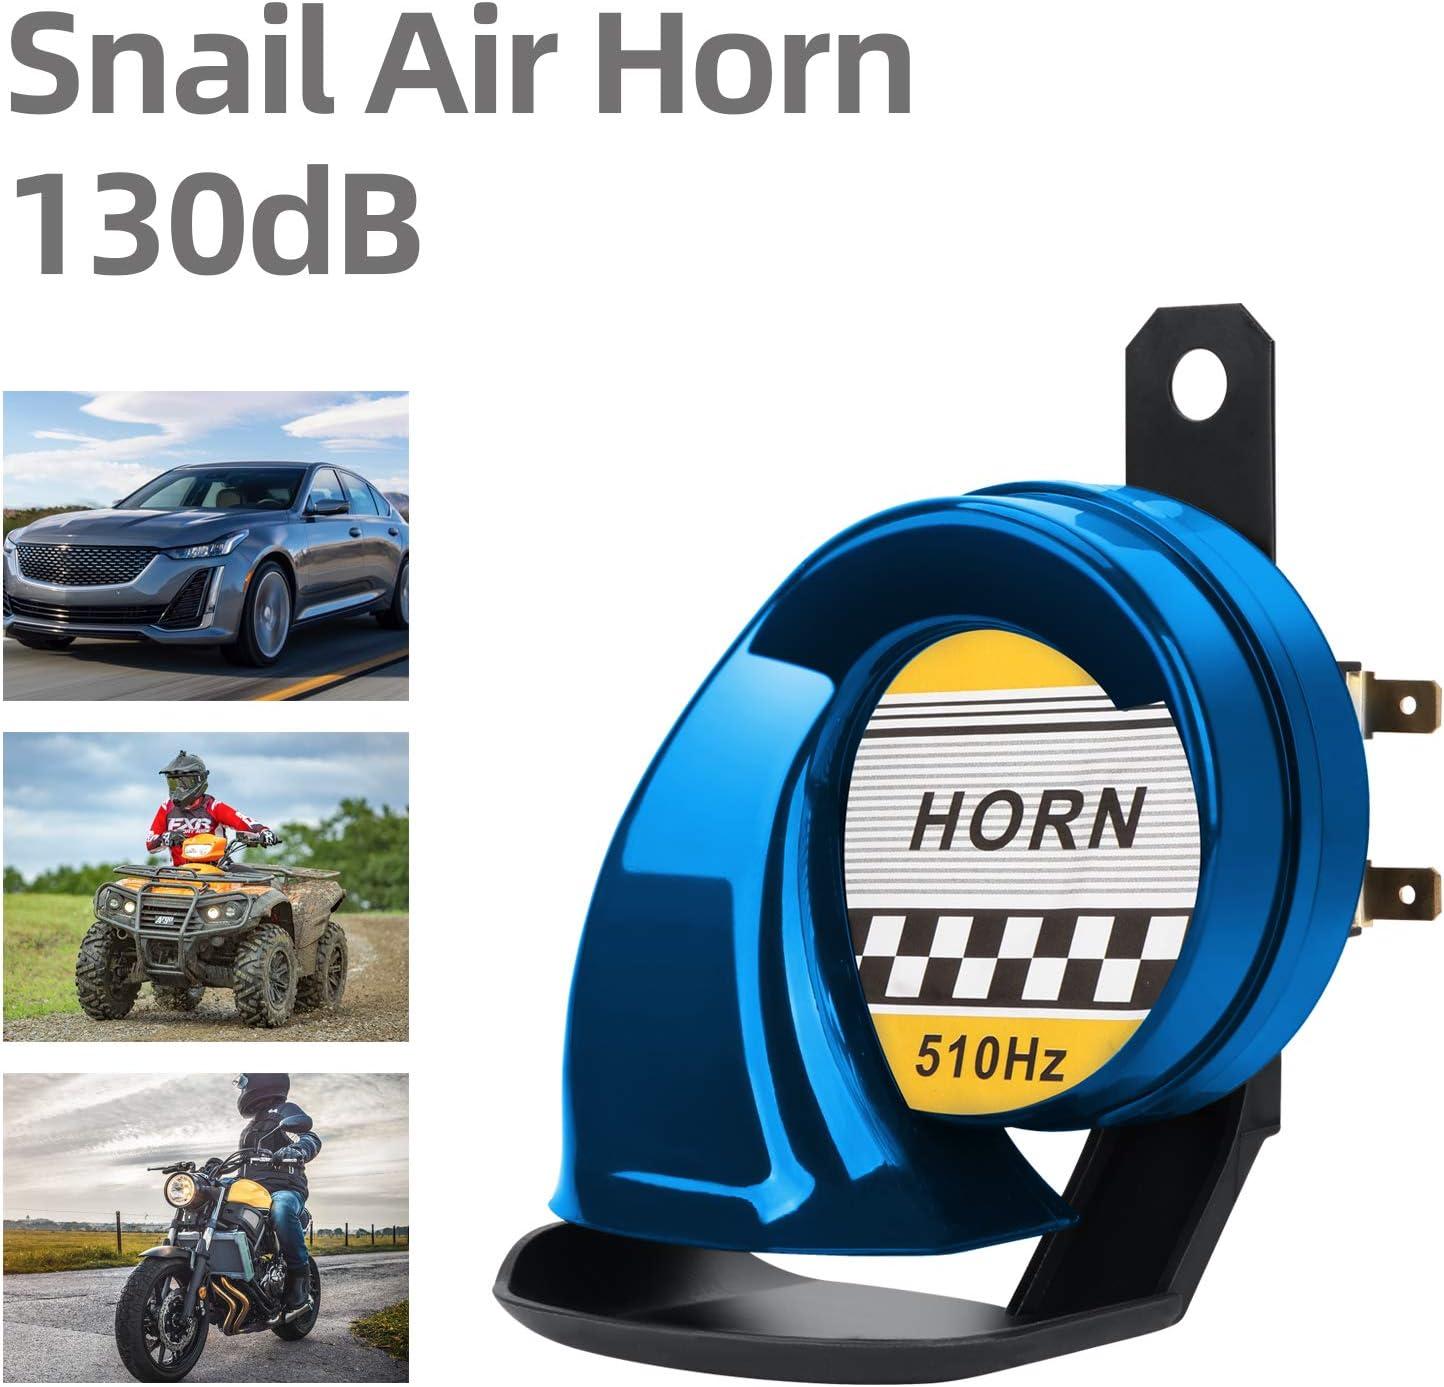 Motorr/äder Fahrr/äder und Boote mit 12V Liefern elektrisches Schnecke Raging Sound f/ür Autos Electric Snail Horn iSpchen 110BD Train Horn for Cars